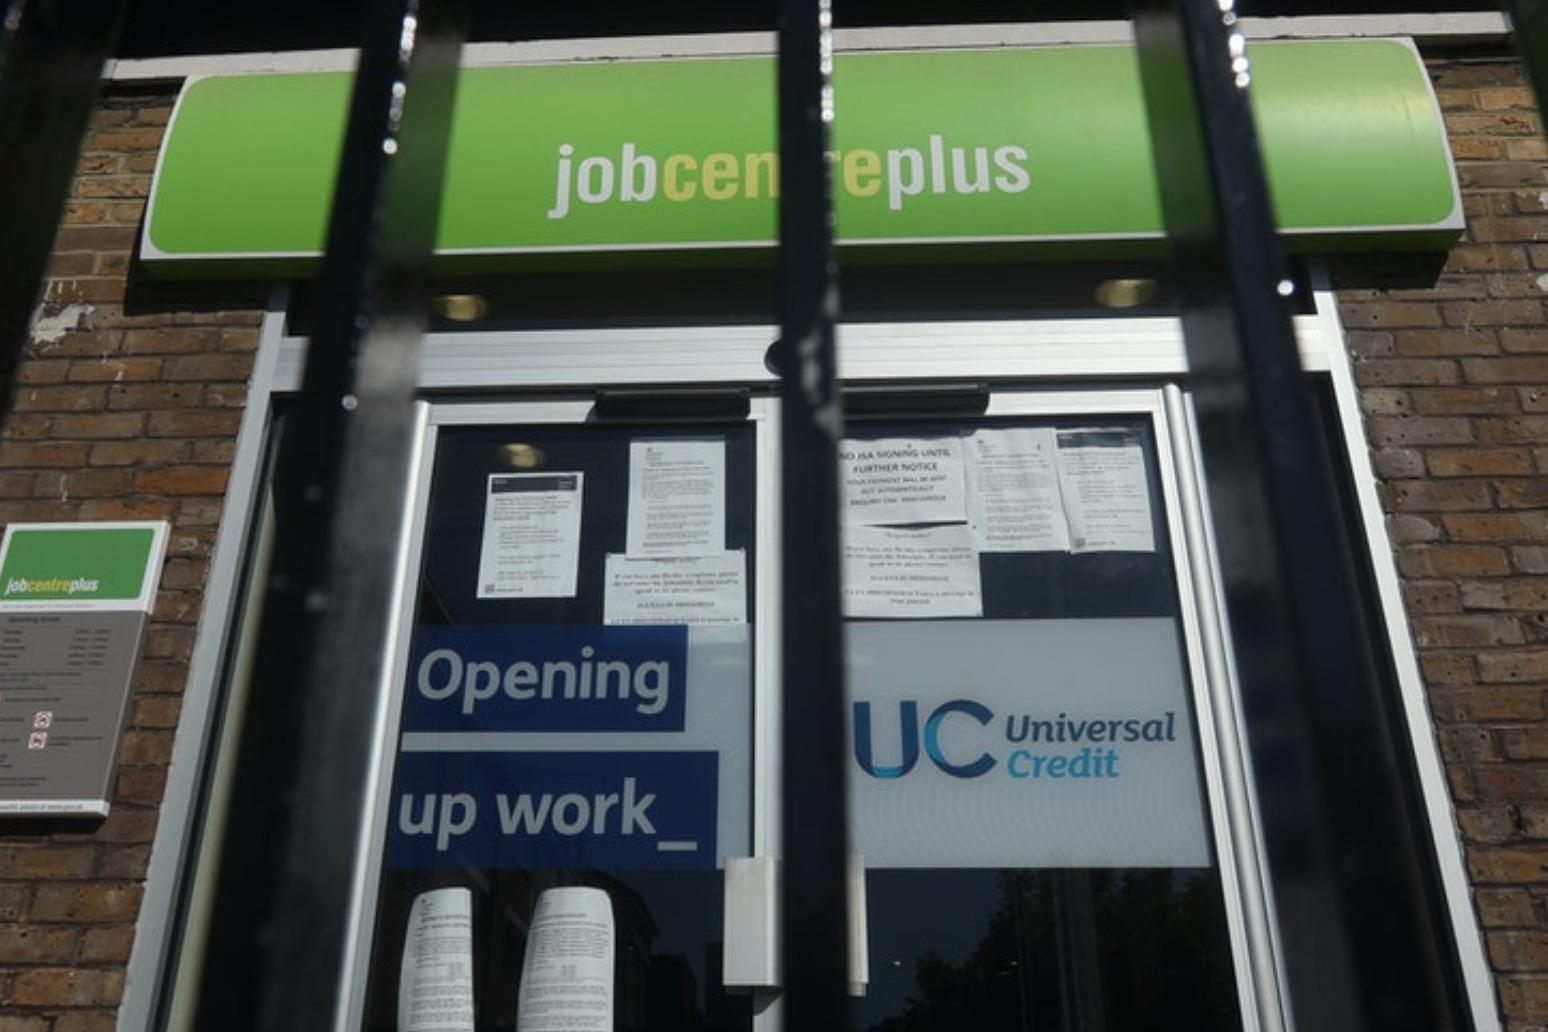 Unemployment rises amid pandemic - Scotland